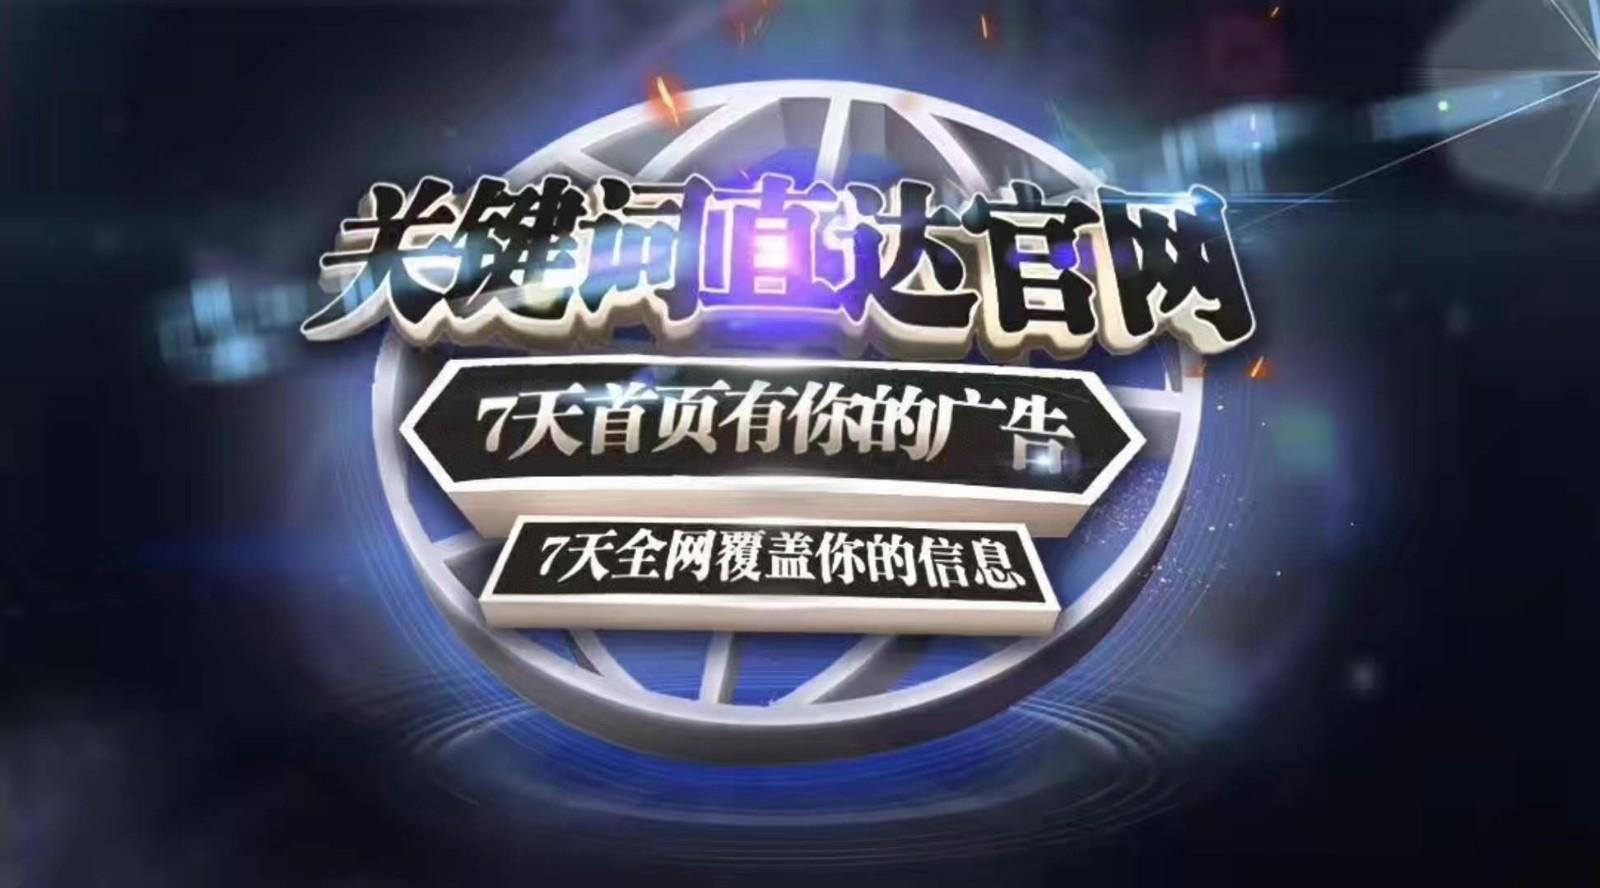 百度seo公司 专业百度排名推荐 深圳市小蚁人科技文化发展有限公司